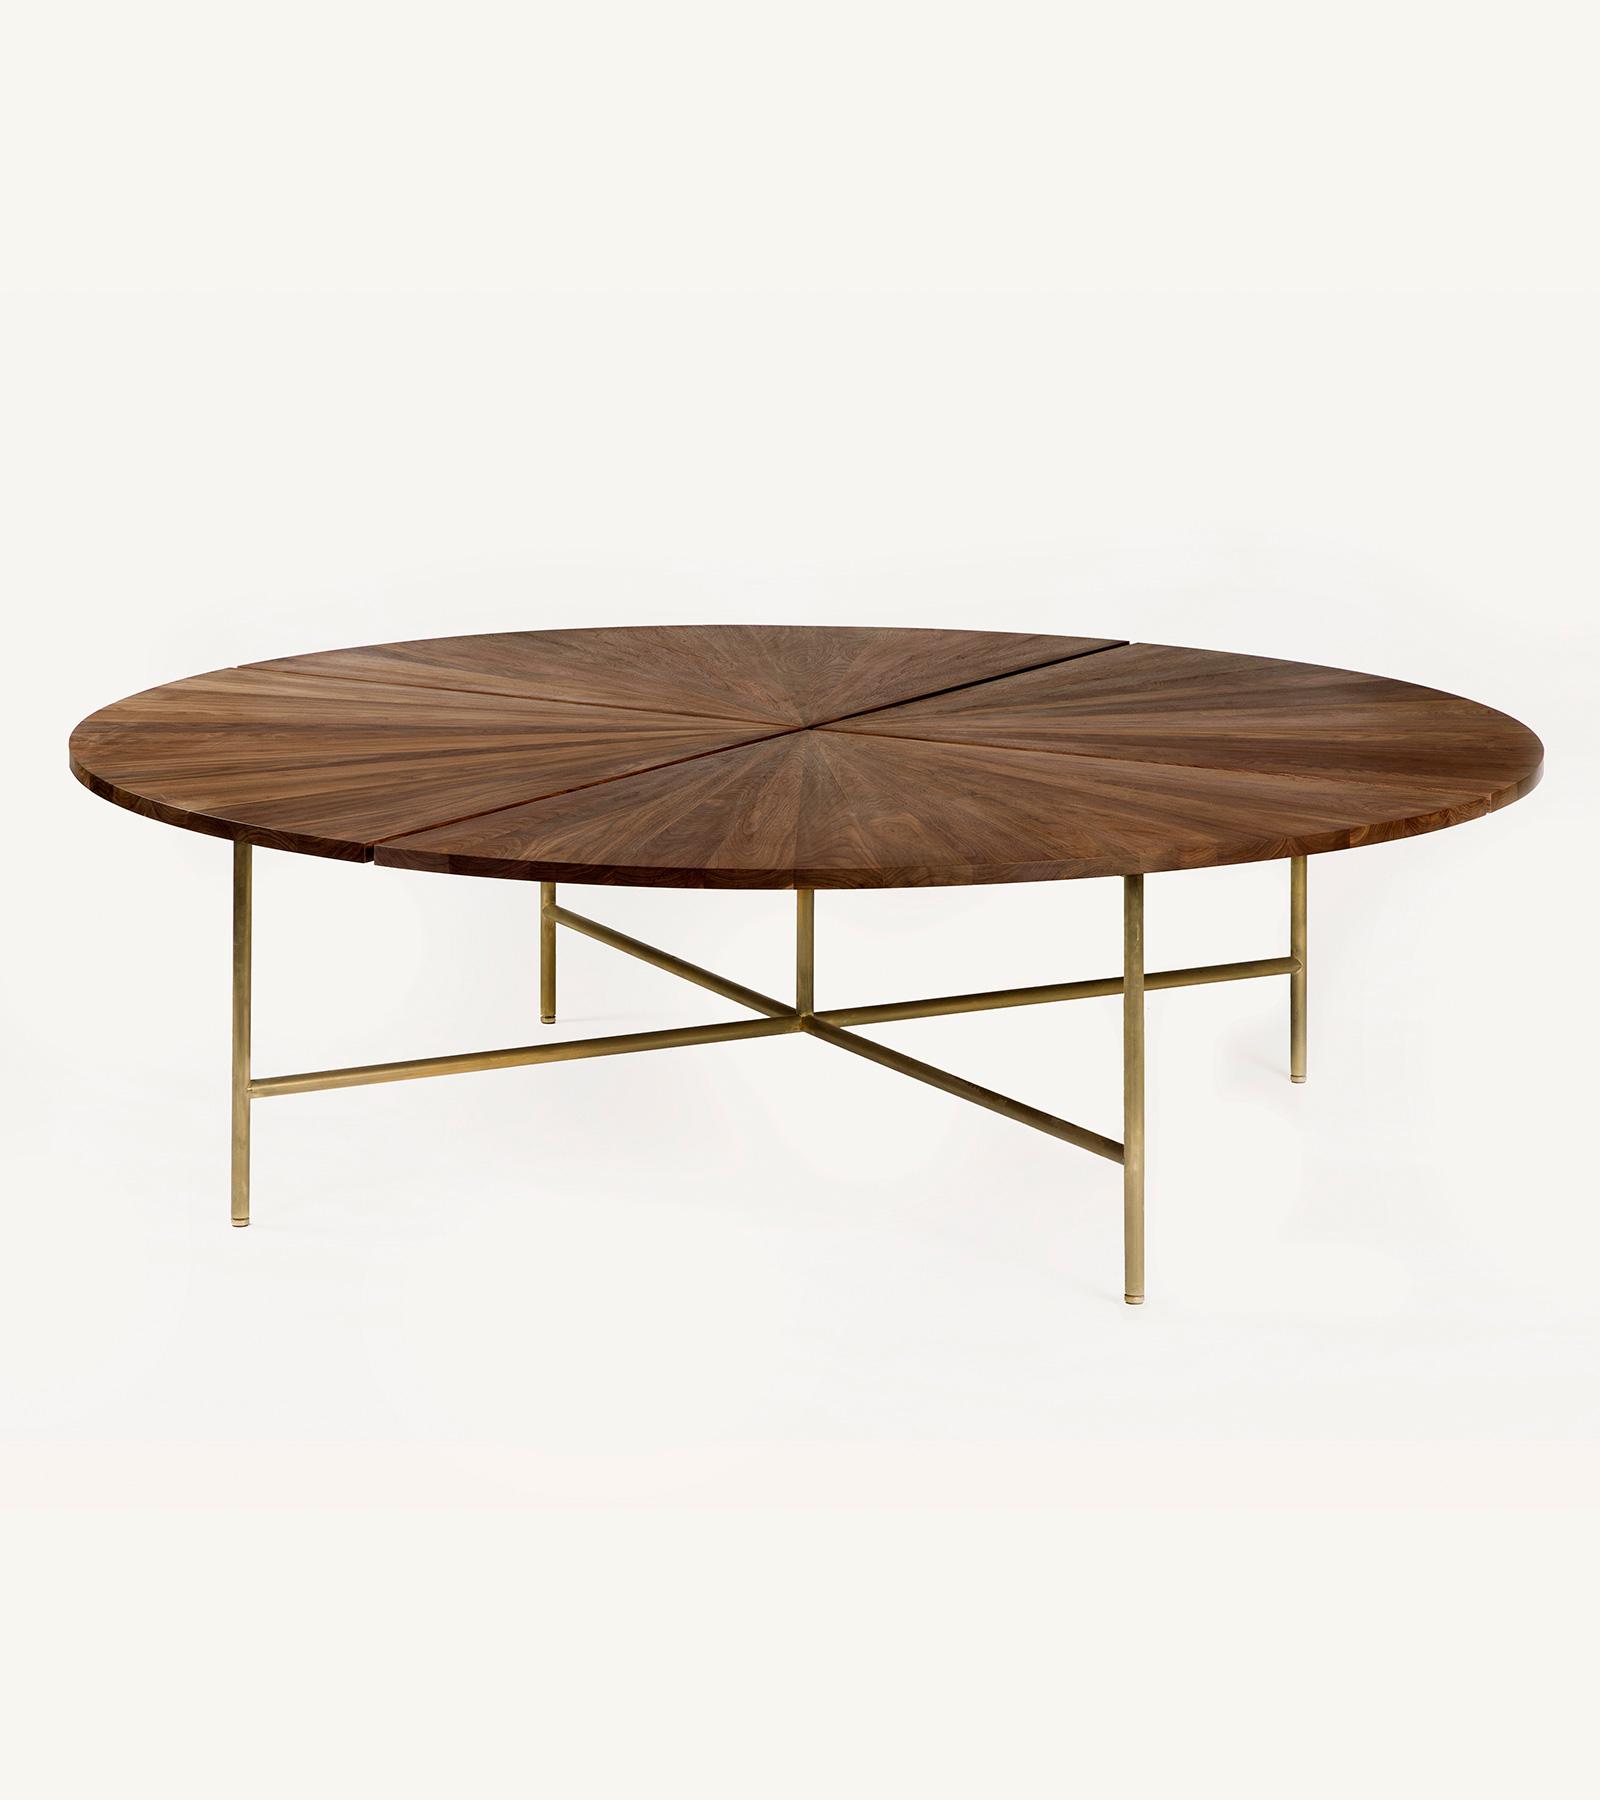 TinnappleMetz-bassamfellows-Circular-Dining-Table-05